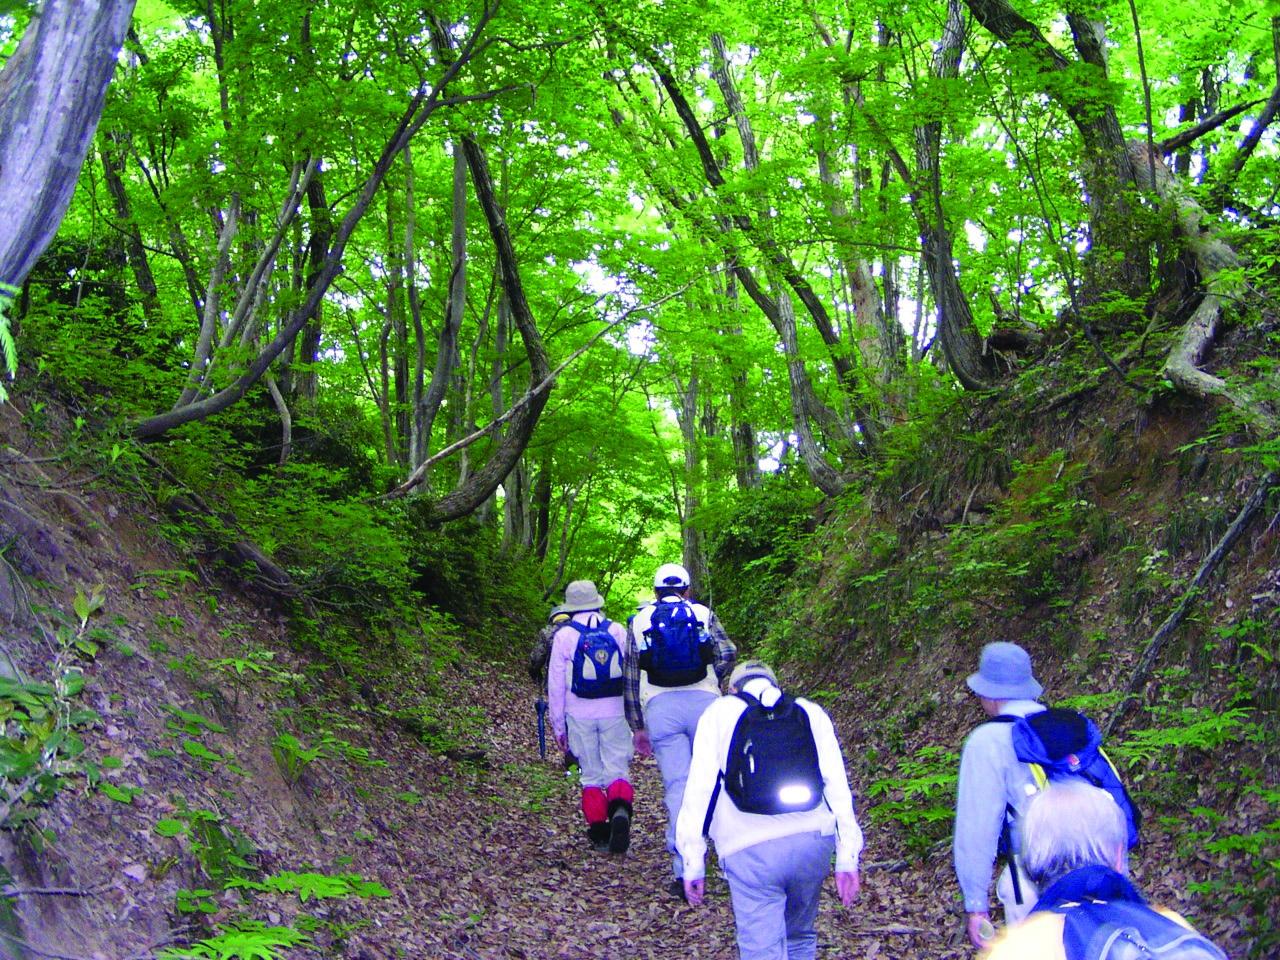 北陸新幹線で行く糸魚川【中止】秋の塩の道を歩く